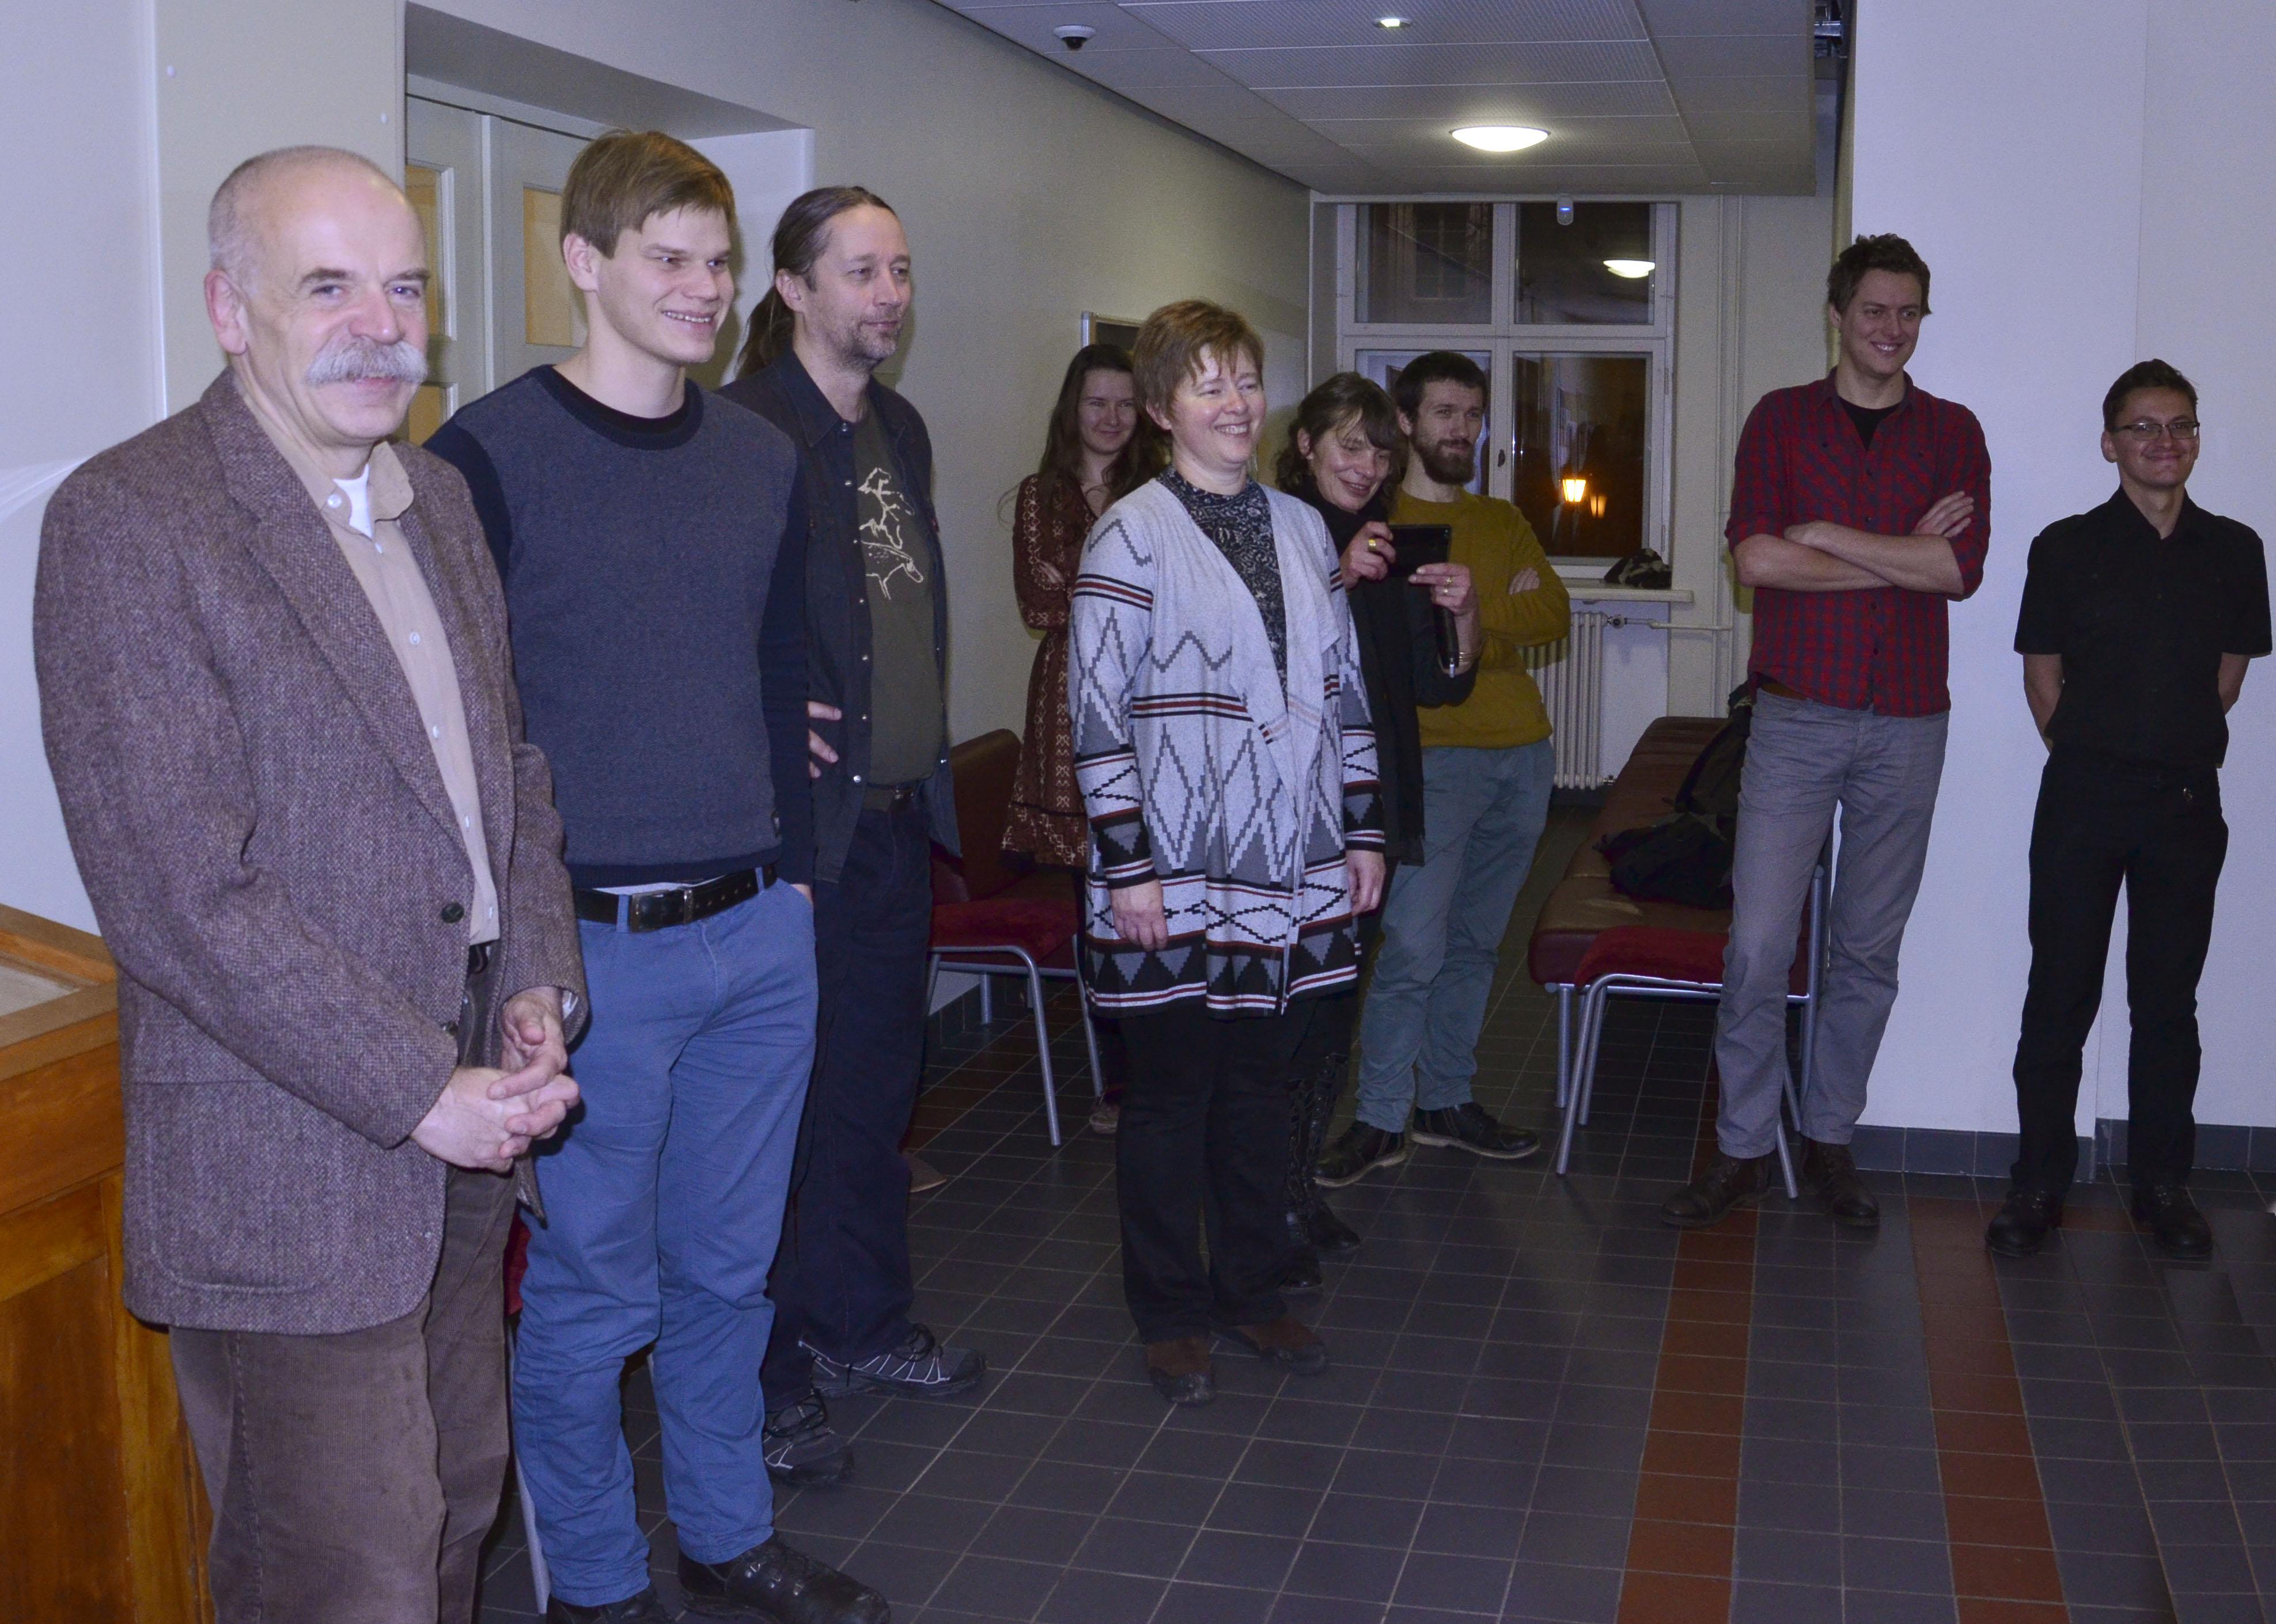 Suurenenud osa valkudest Foto koos meeste liikme suurustega